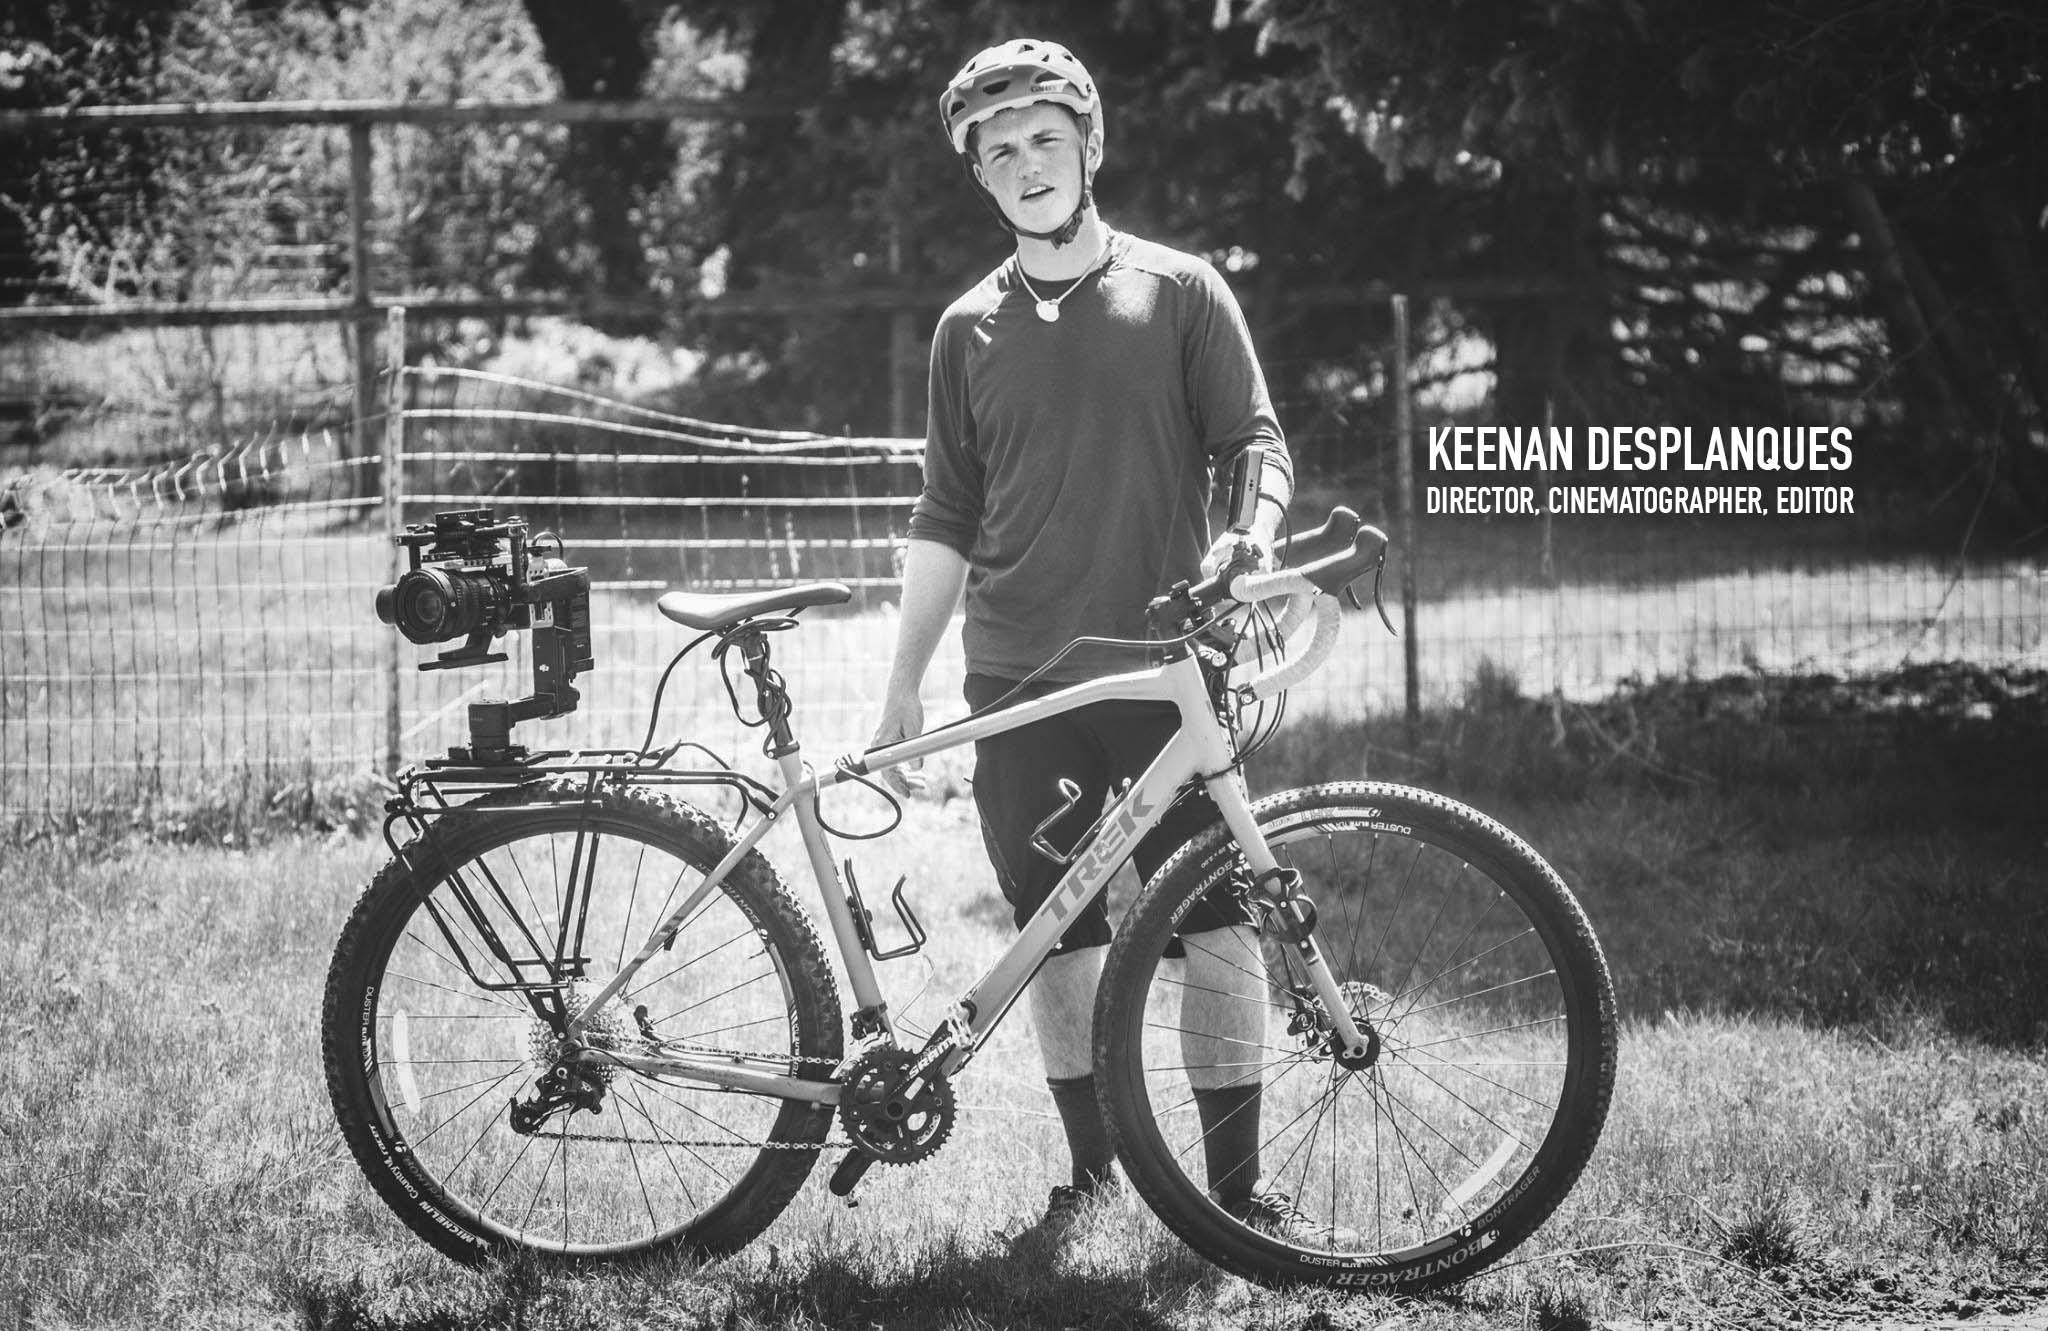 """Keenan DesPlanques on location filming """"Finding Time"""" // Tanumshede, Sweden"""